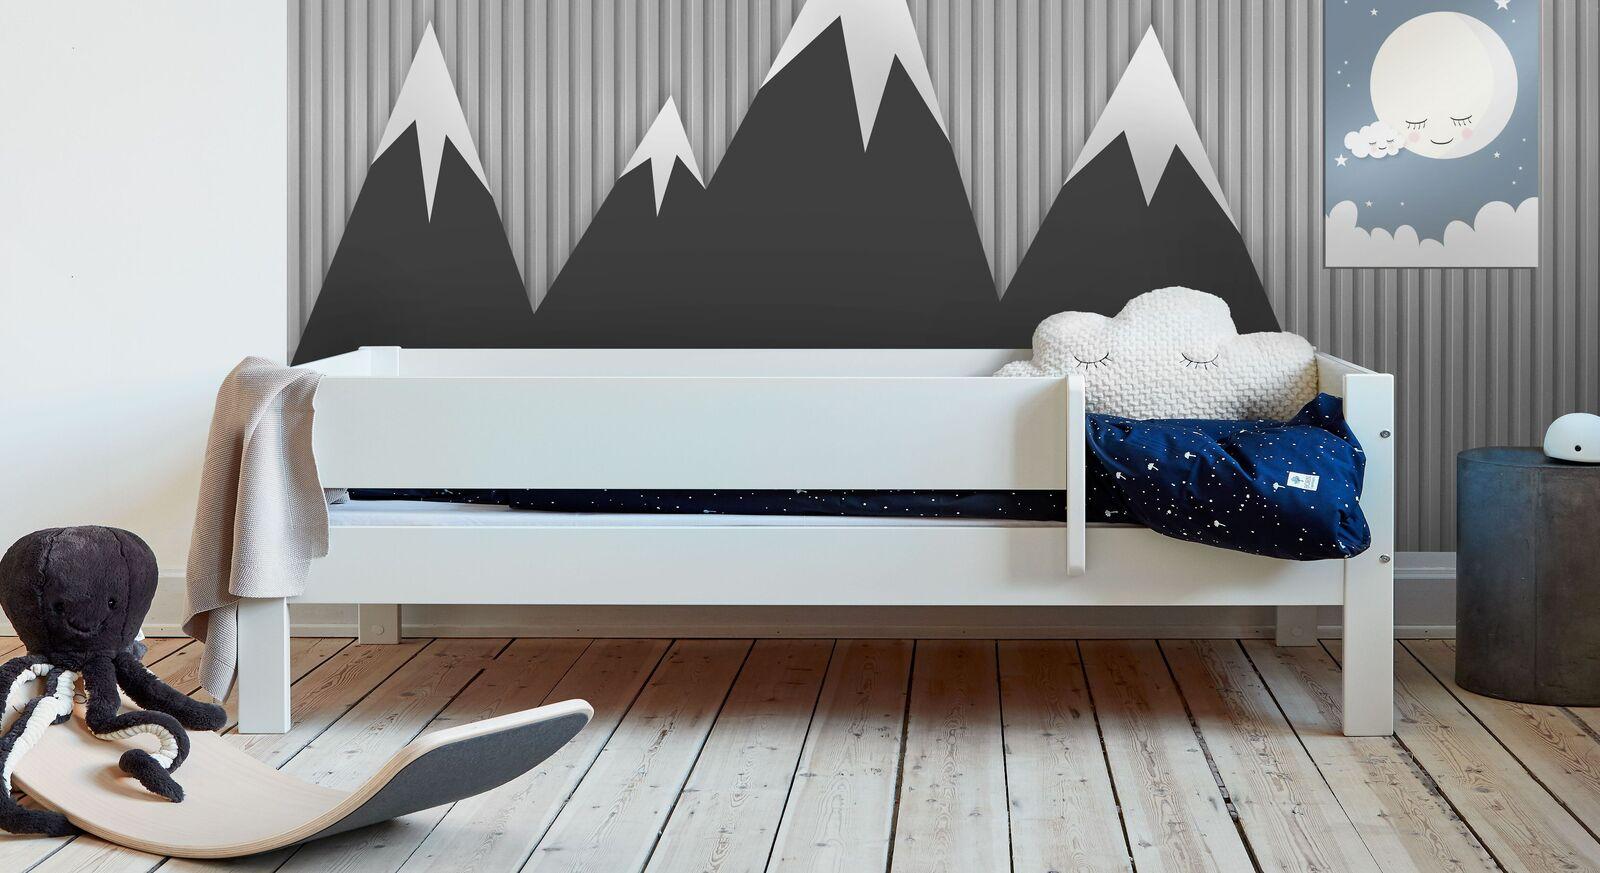 Kinderbett Tacora mit praktischer Absturzsicherung